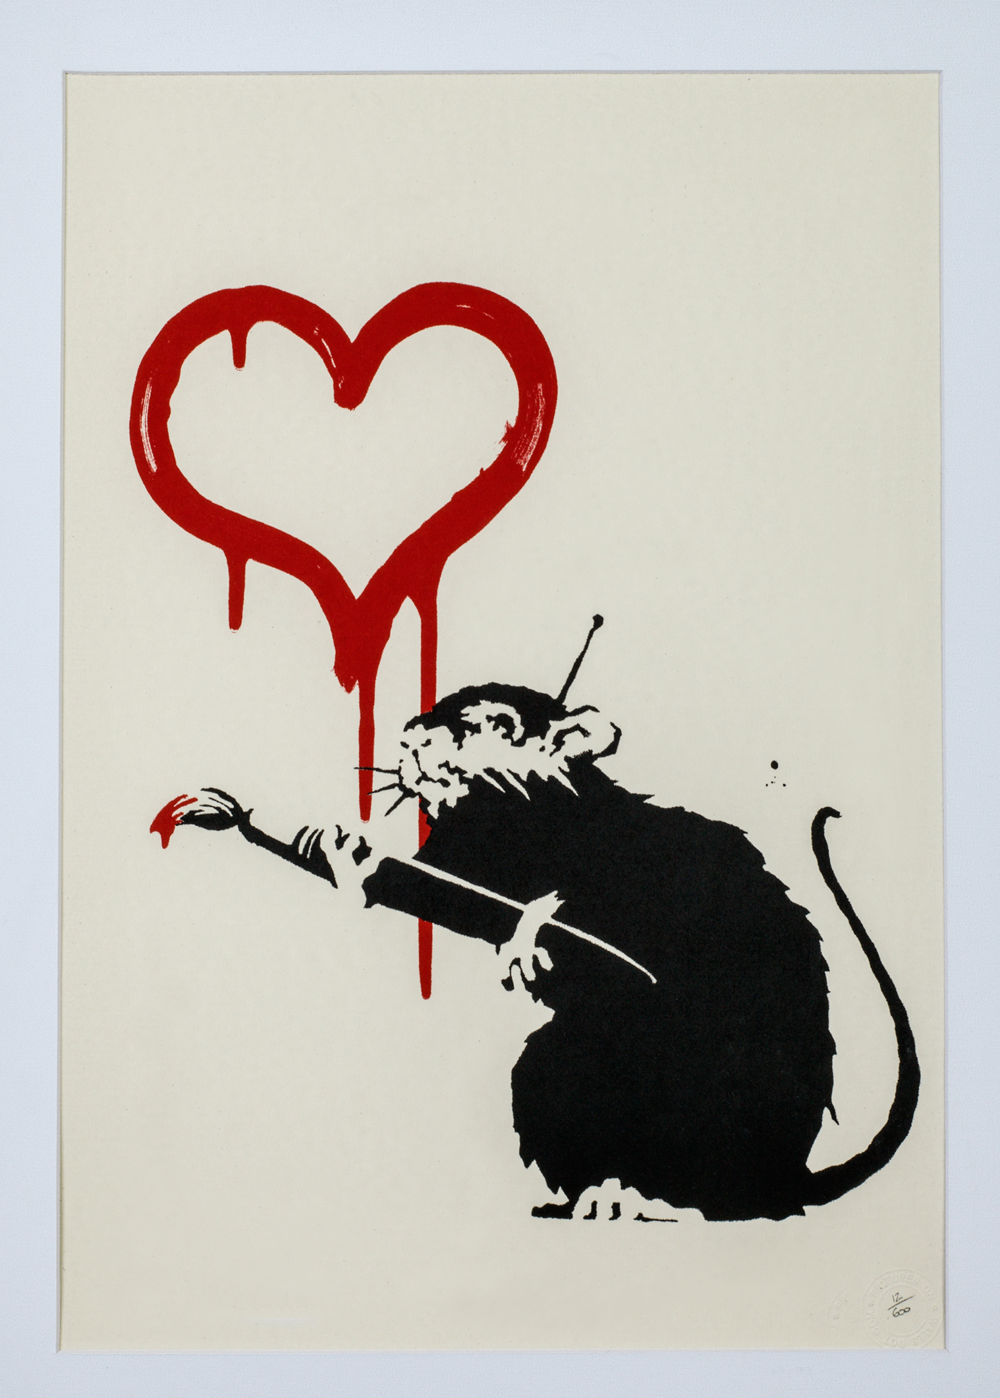 Love-Rat-Banksy.png